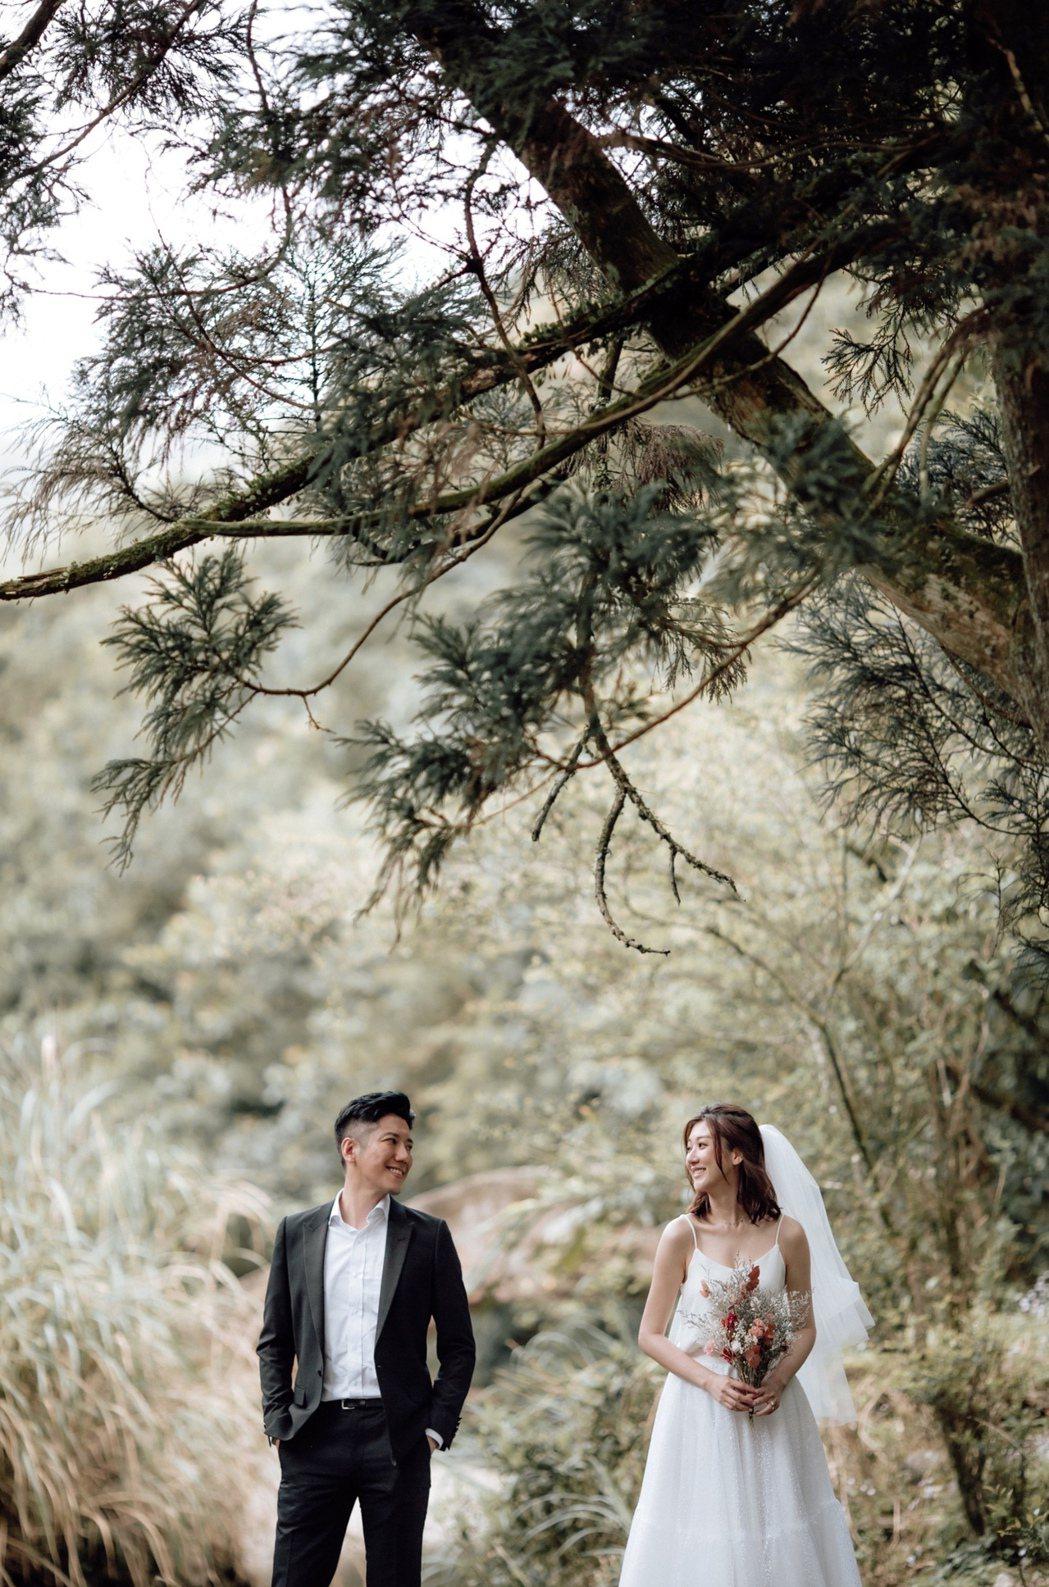 林逸欣(右)喜晾婚紗照,與Tony將在7月24日舉辦婚宴。圖/旋轉娛樂提供